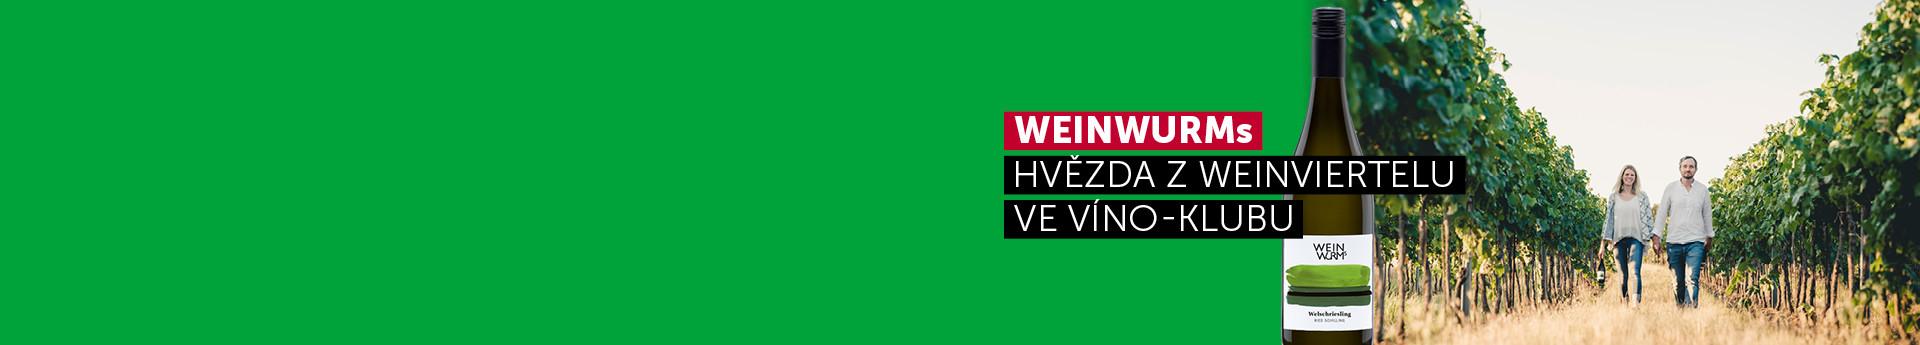 Weinrums - hvězda z Weinviertelu ve Víno-klubu